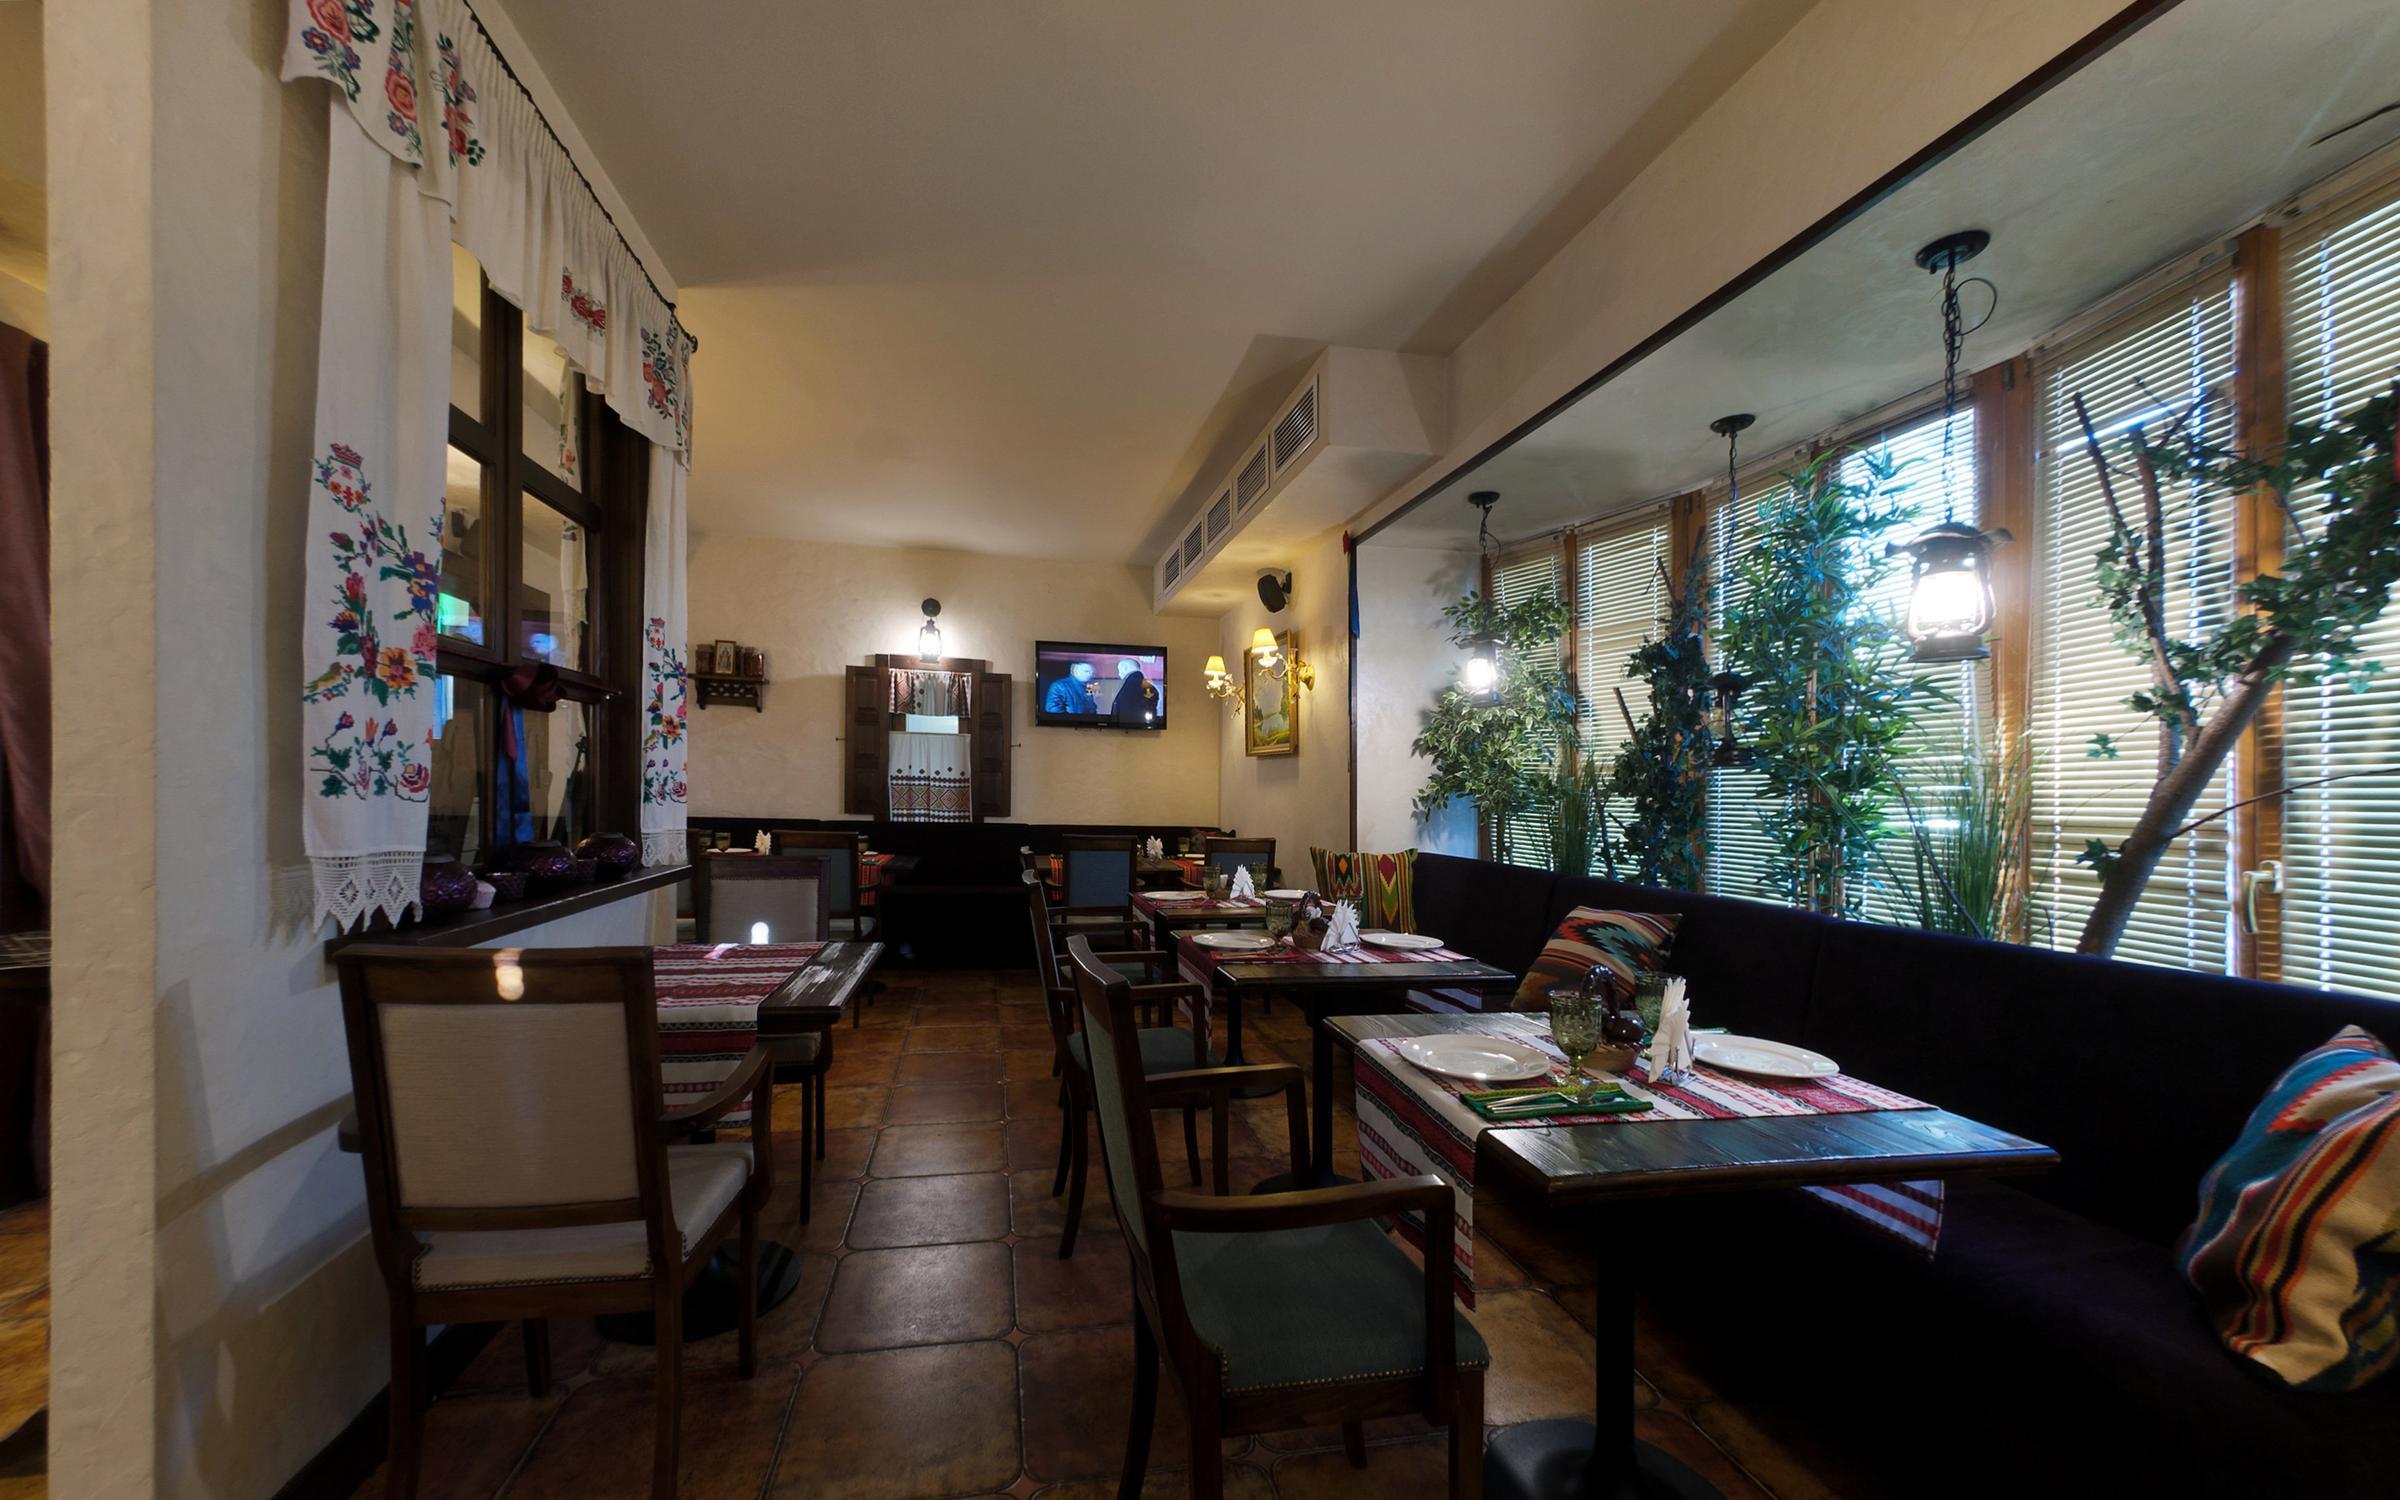 фотография Ресторана Хата рядом с Шереметьево